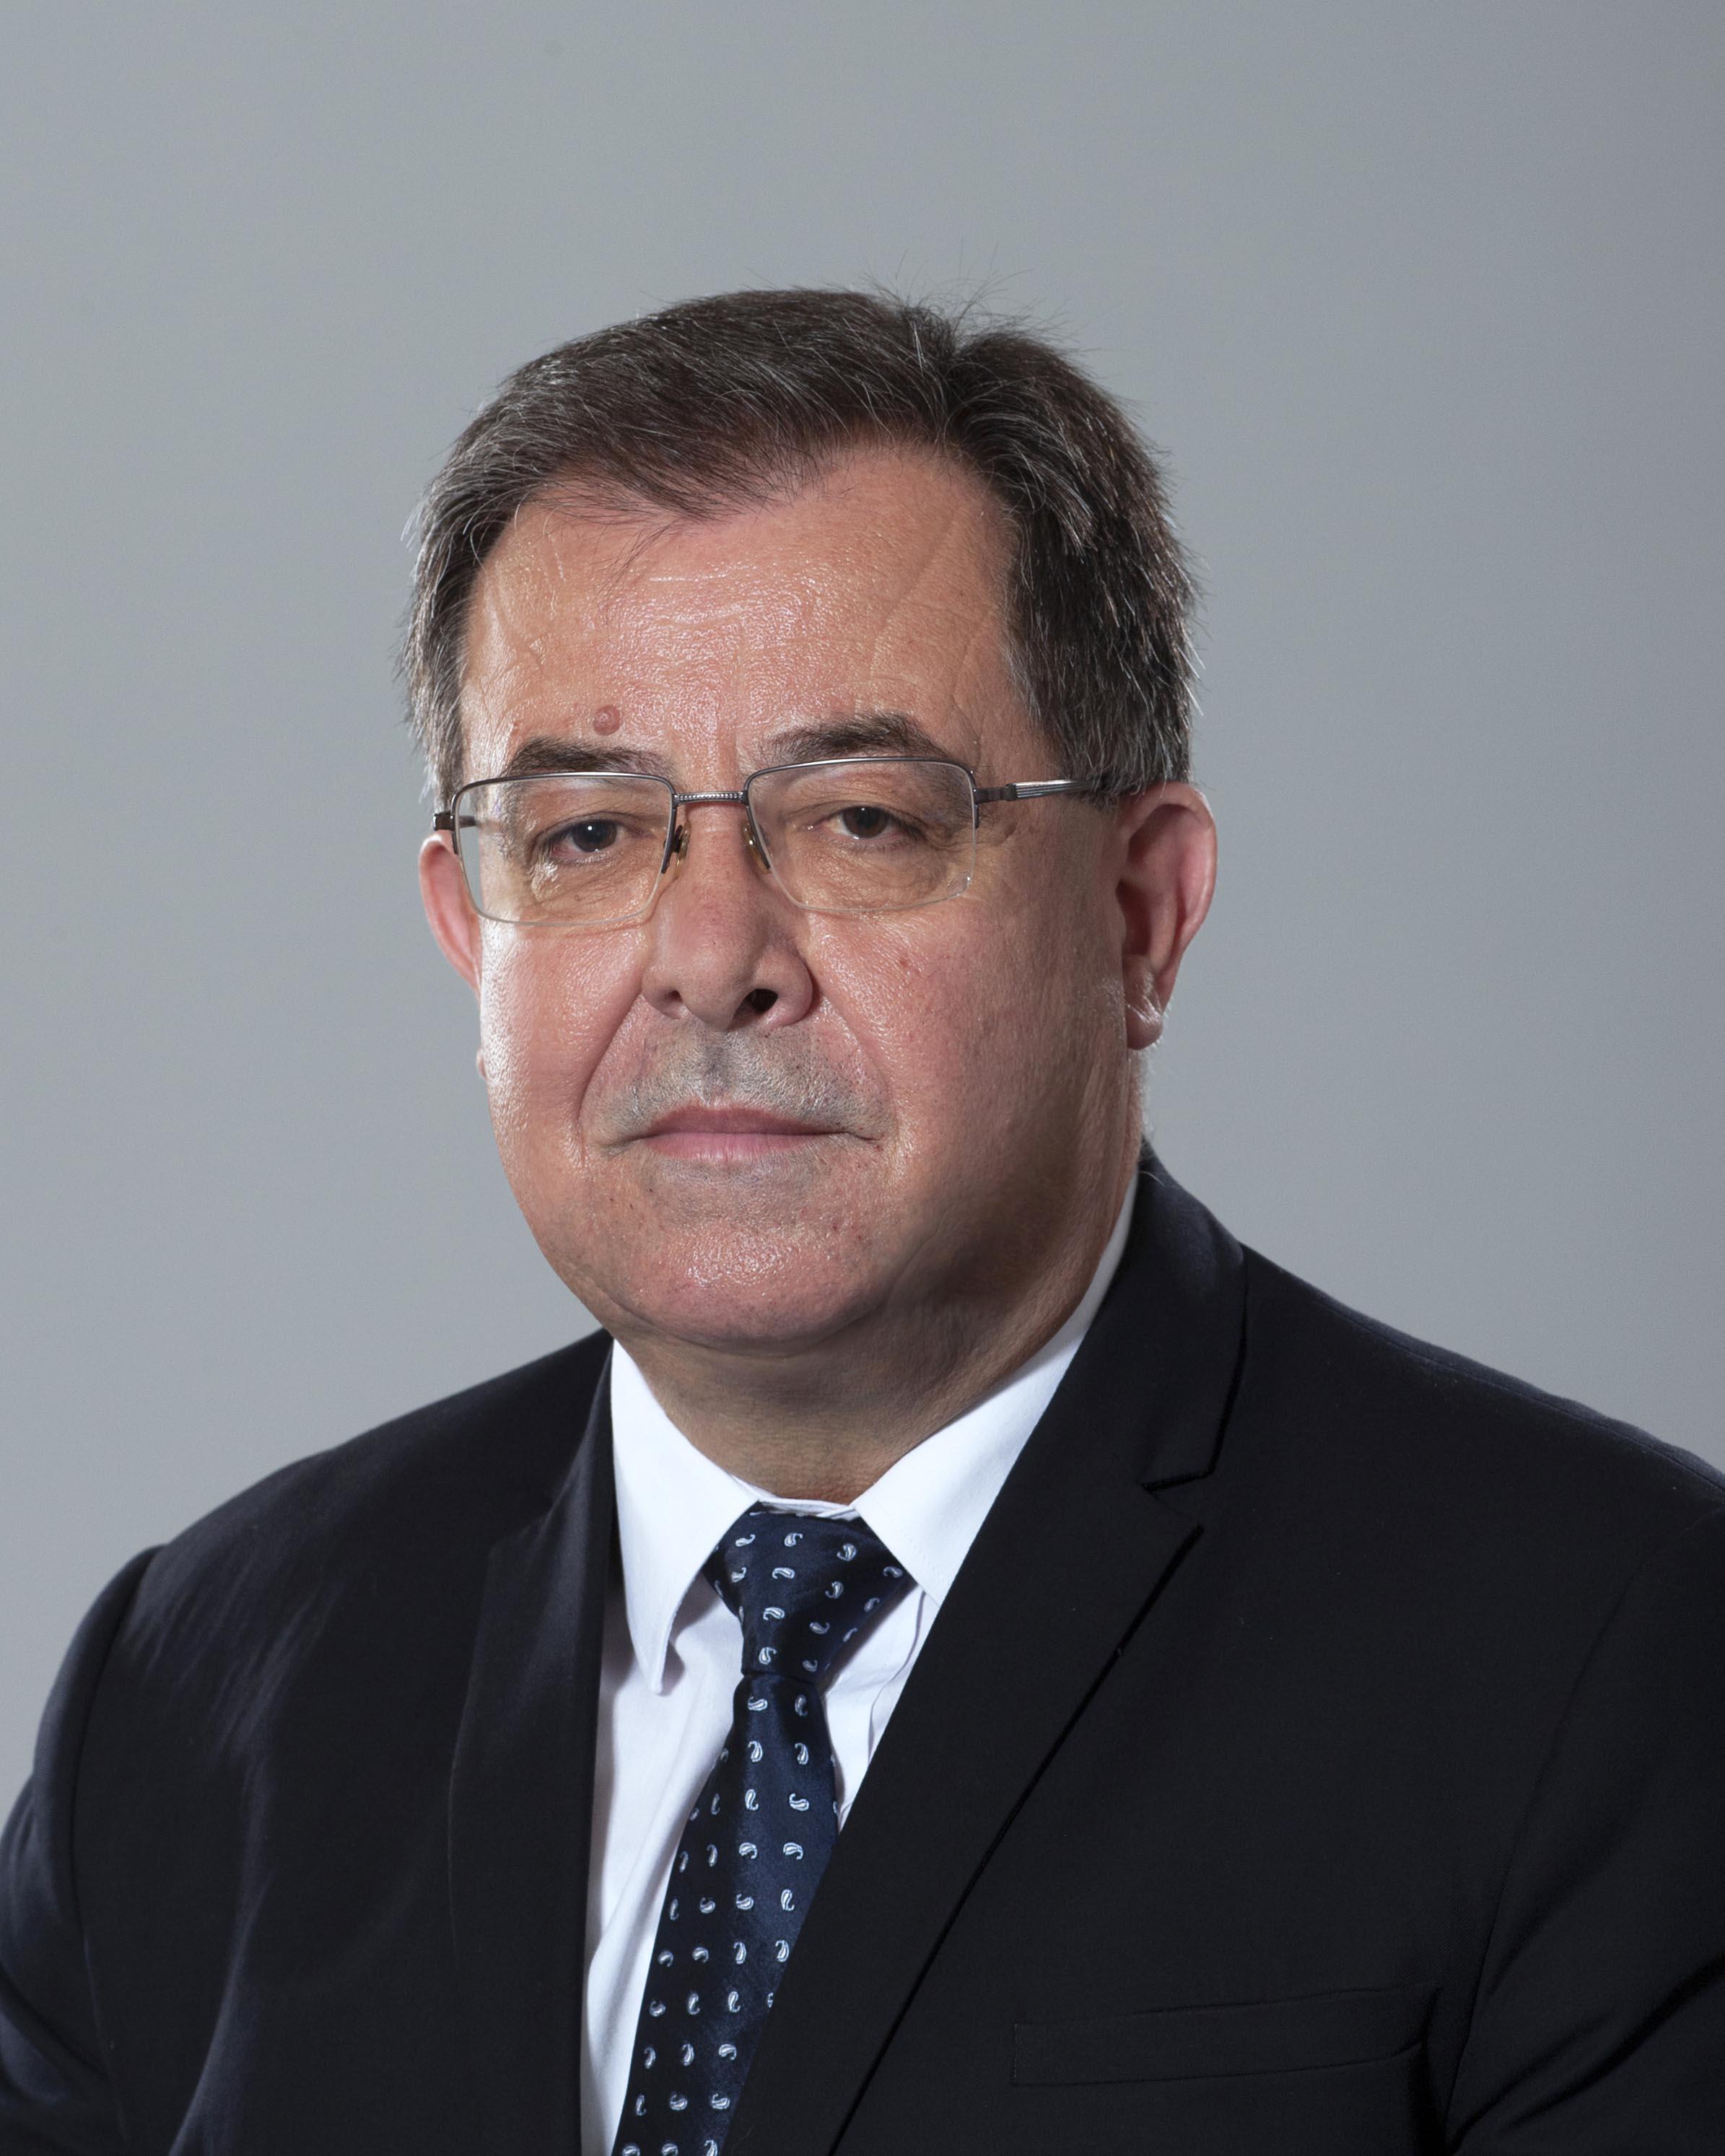 <p>Христо Георгиев Бозуков - служебен министър на земеделието, храните и горите</p>